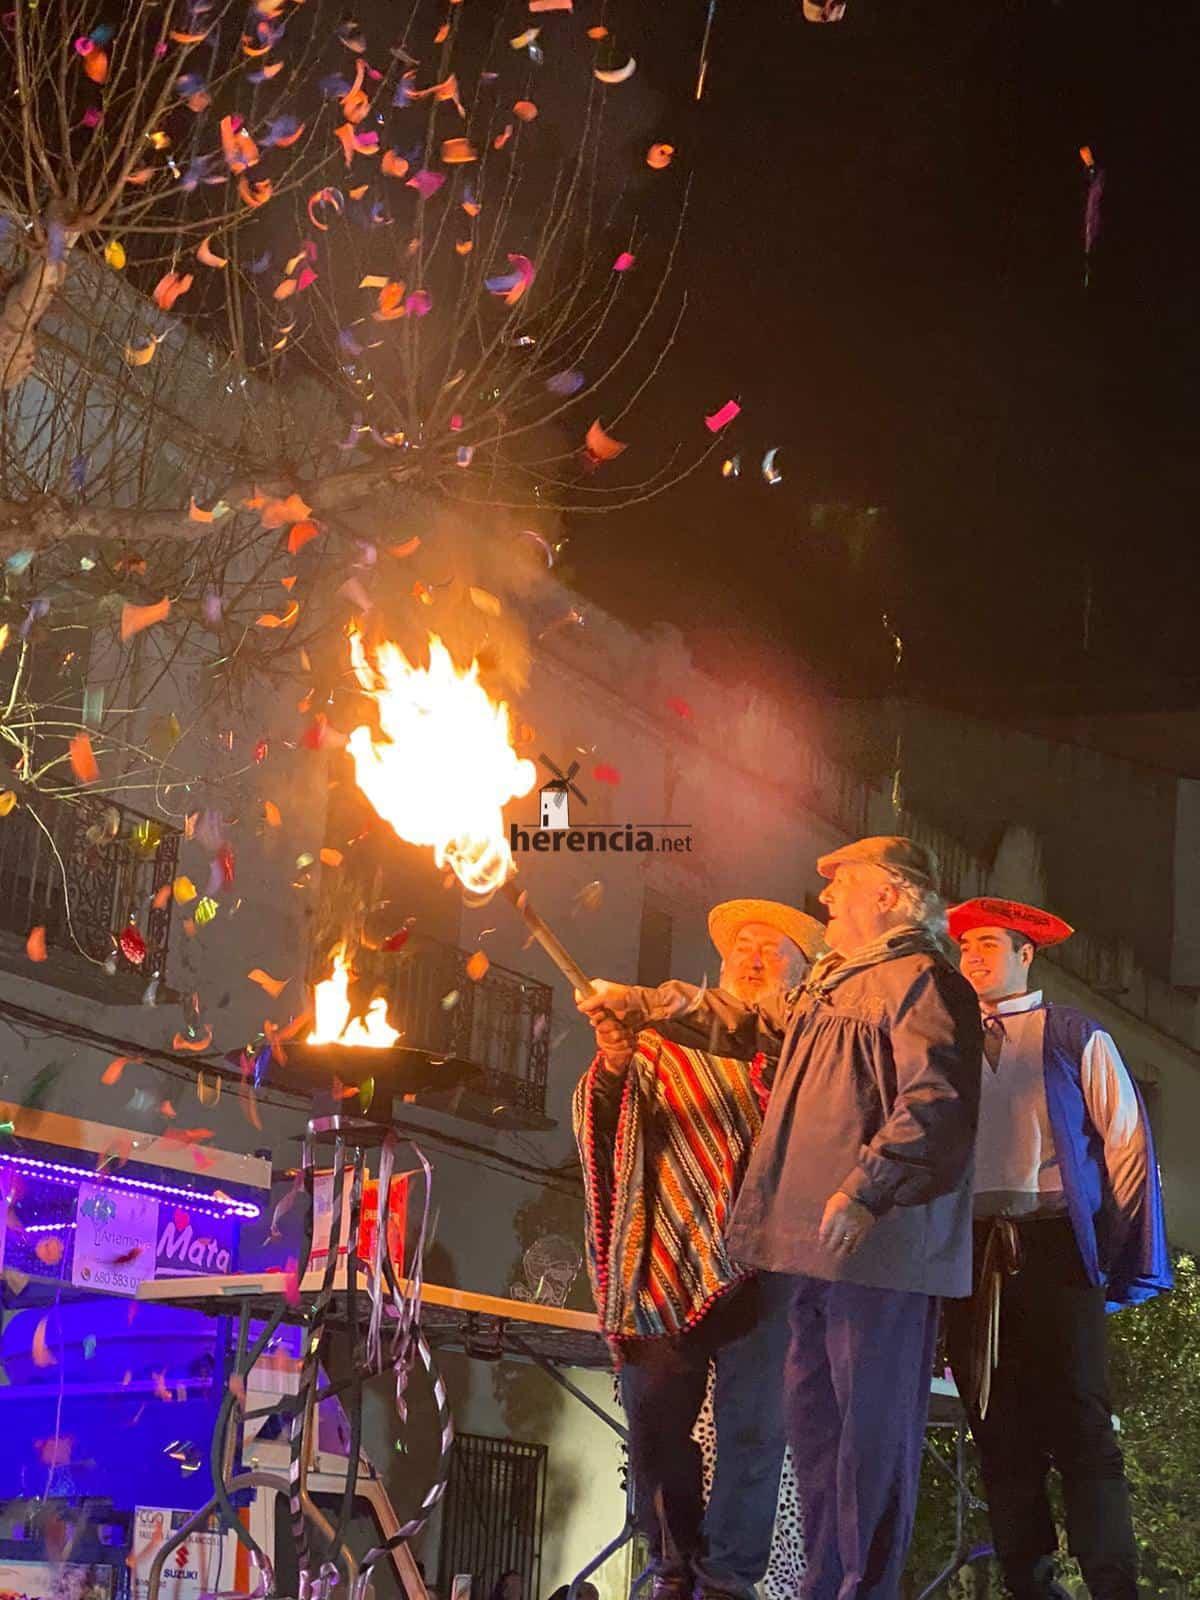 carnaval herencia 2020 viernes prisillas 16 - Viernes de Prisillas 2020 del Carnaval en imágenes